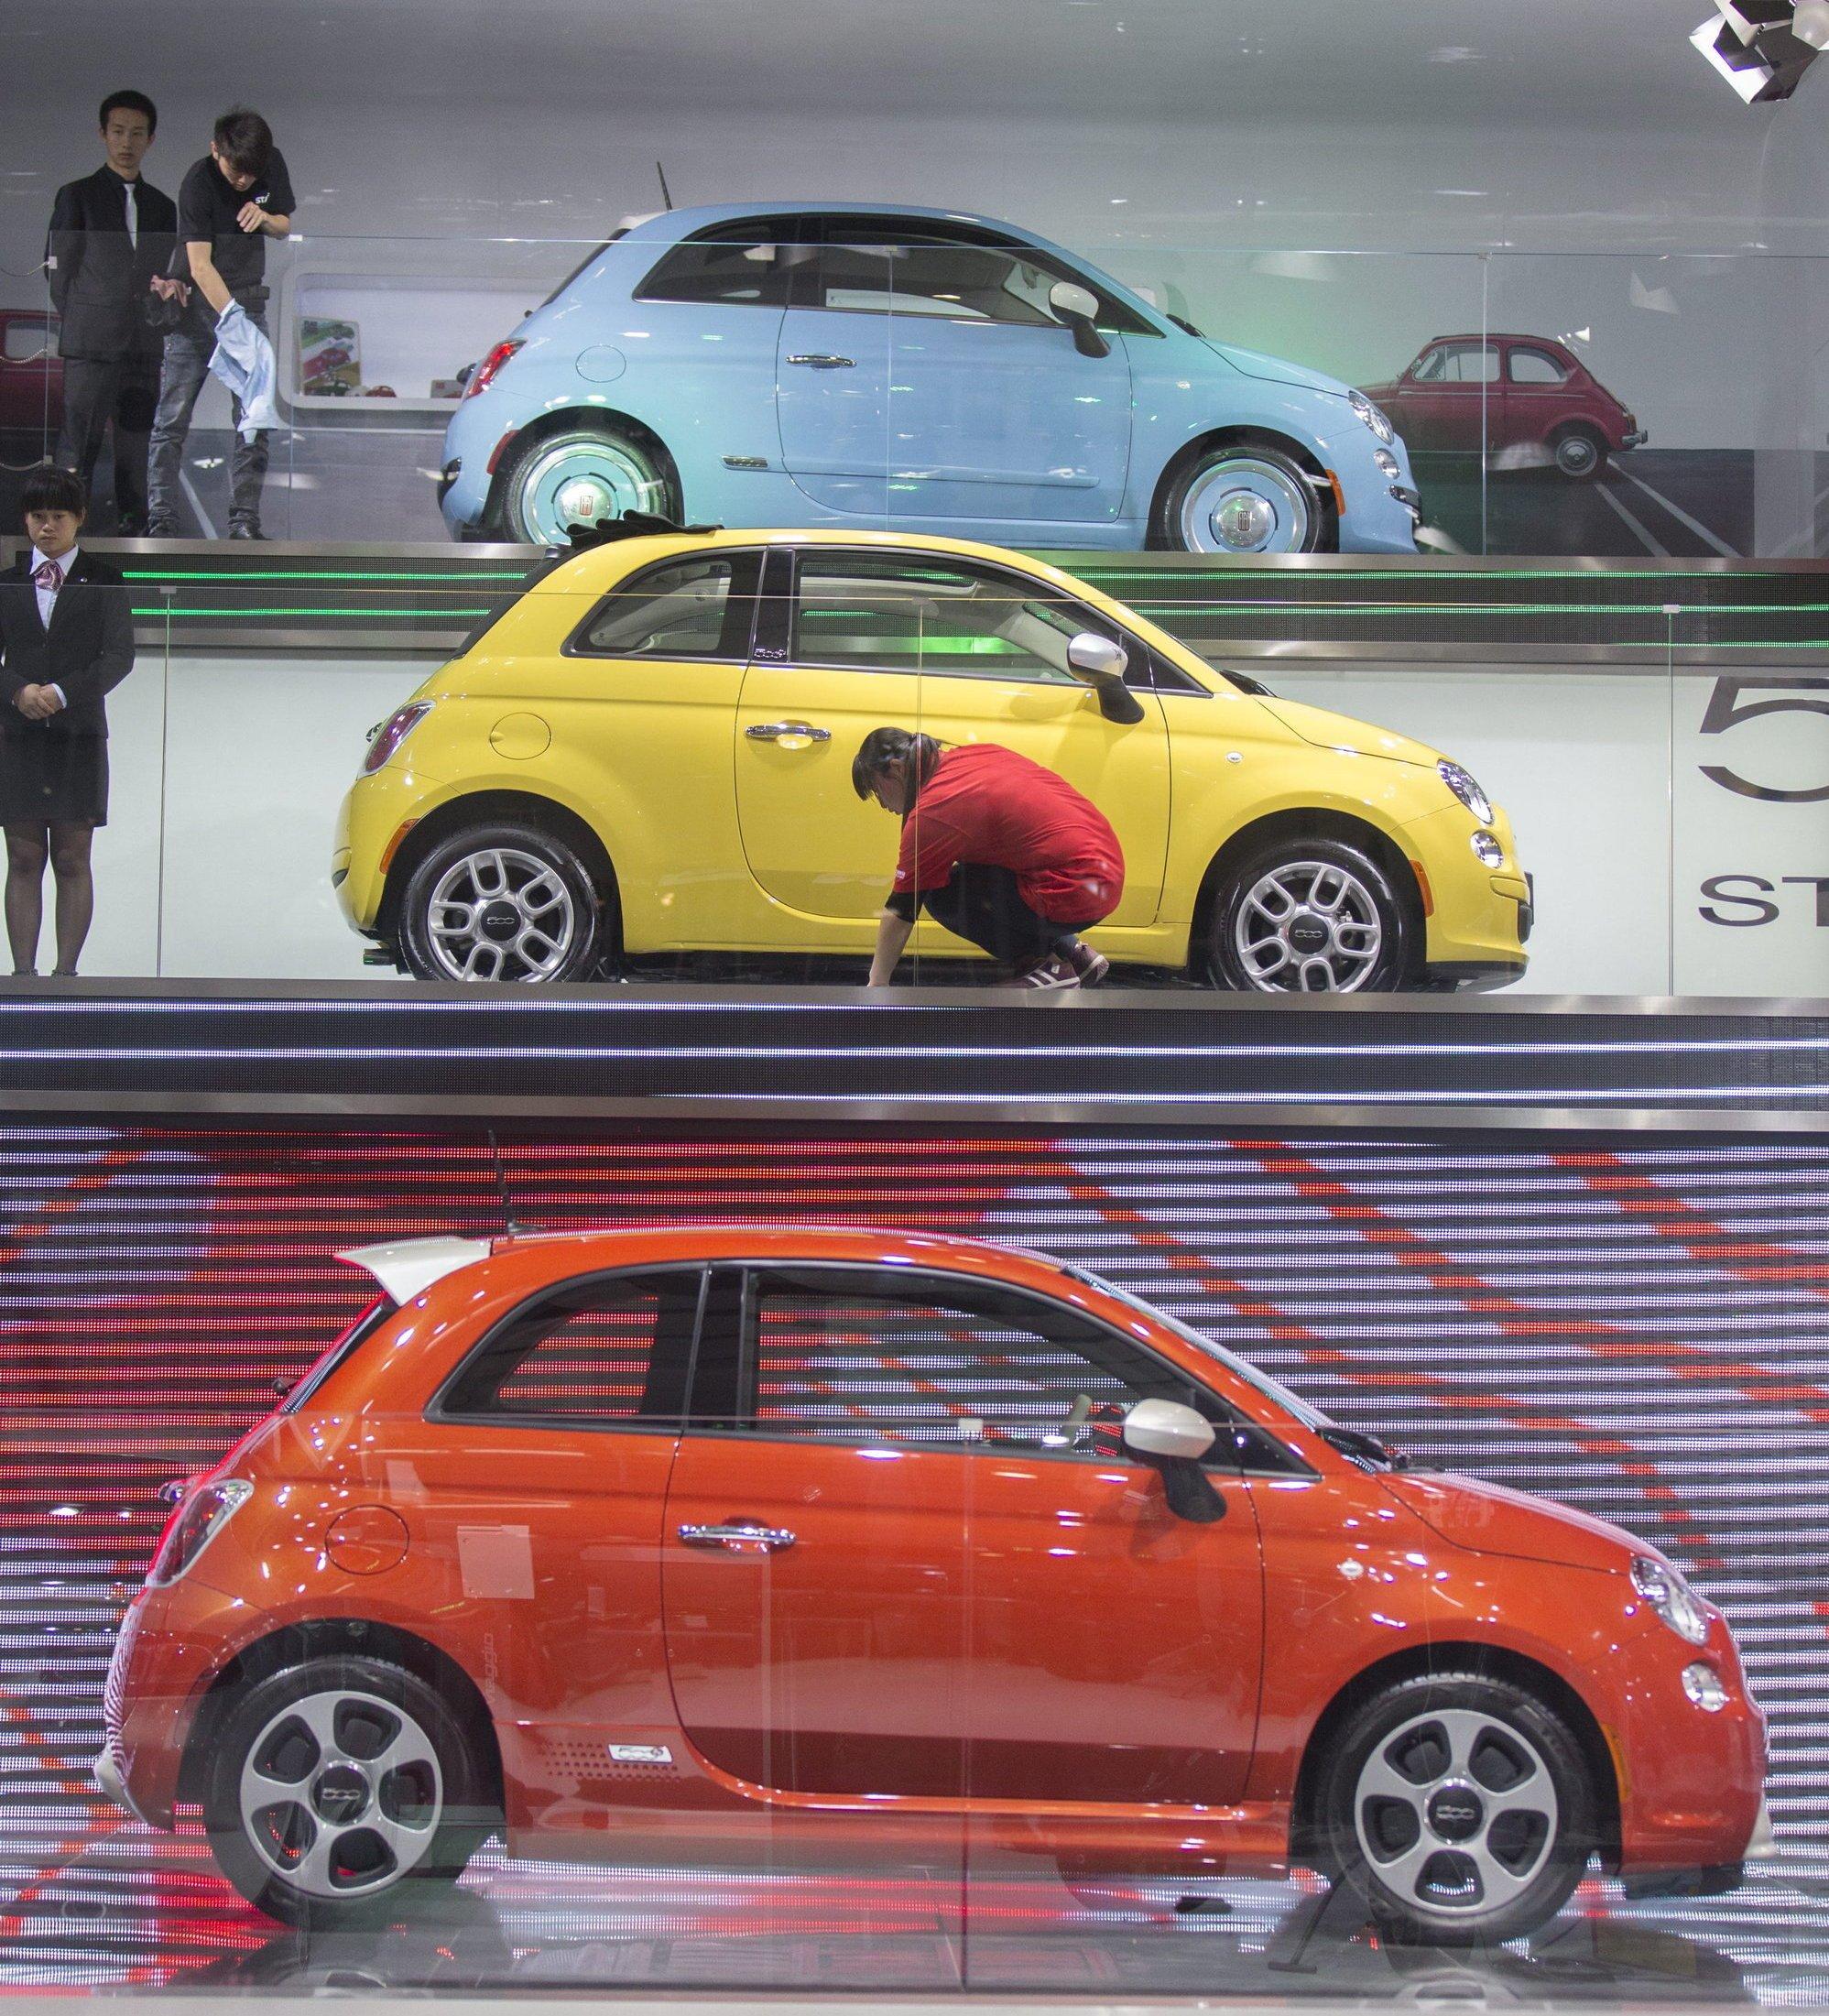 Fiat 500 auf der Automesse in Peking: Bislang hat sich Fiat zu den Vorwürfen nicht geäußert, dass die Abgasreinigung in Fiat-Modellen generell nach 22 min abgeschaltet wird.